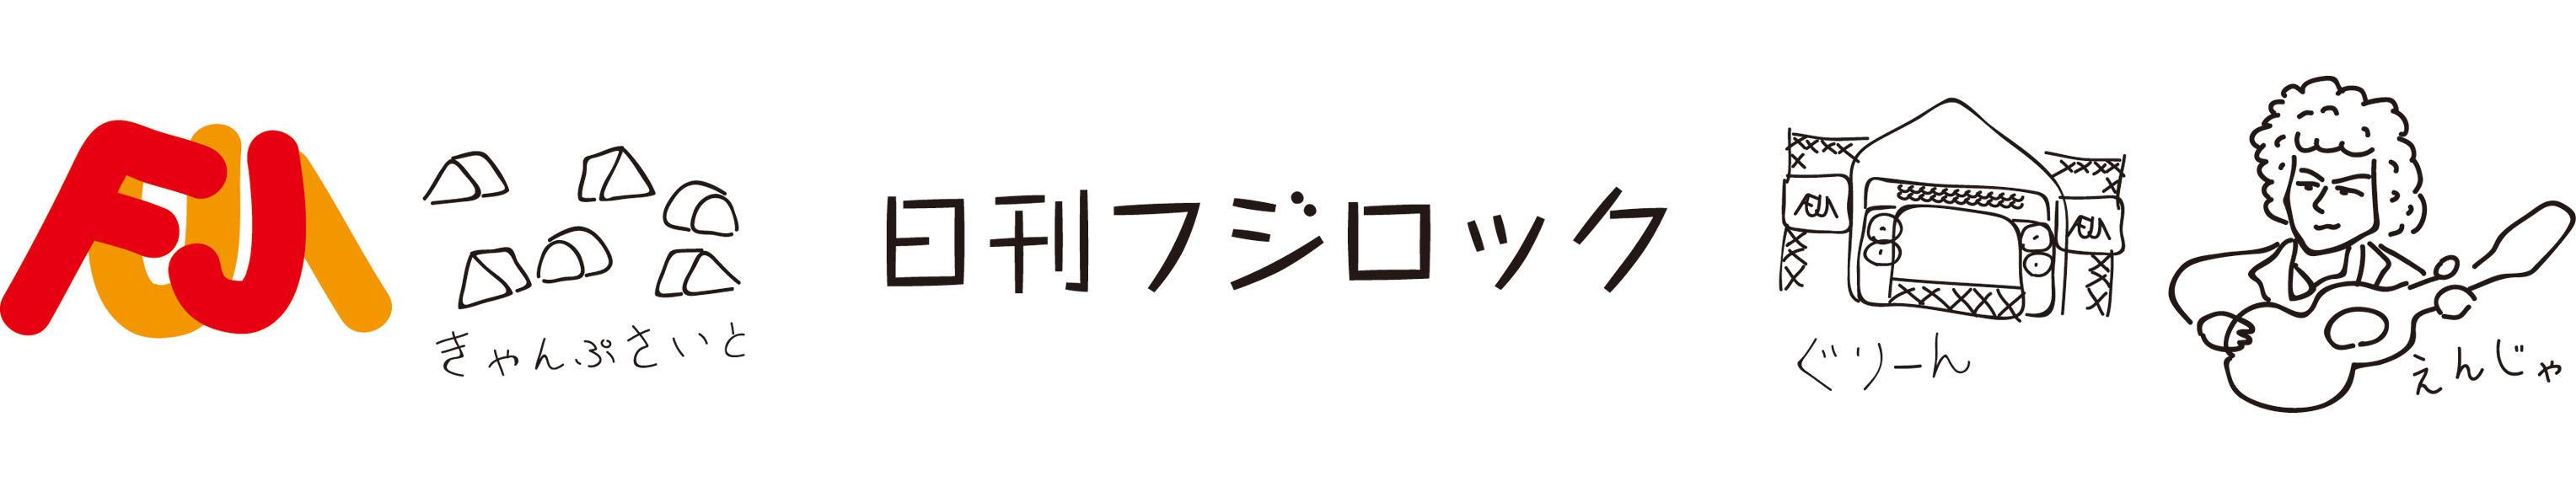 日刊フジロック